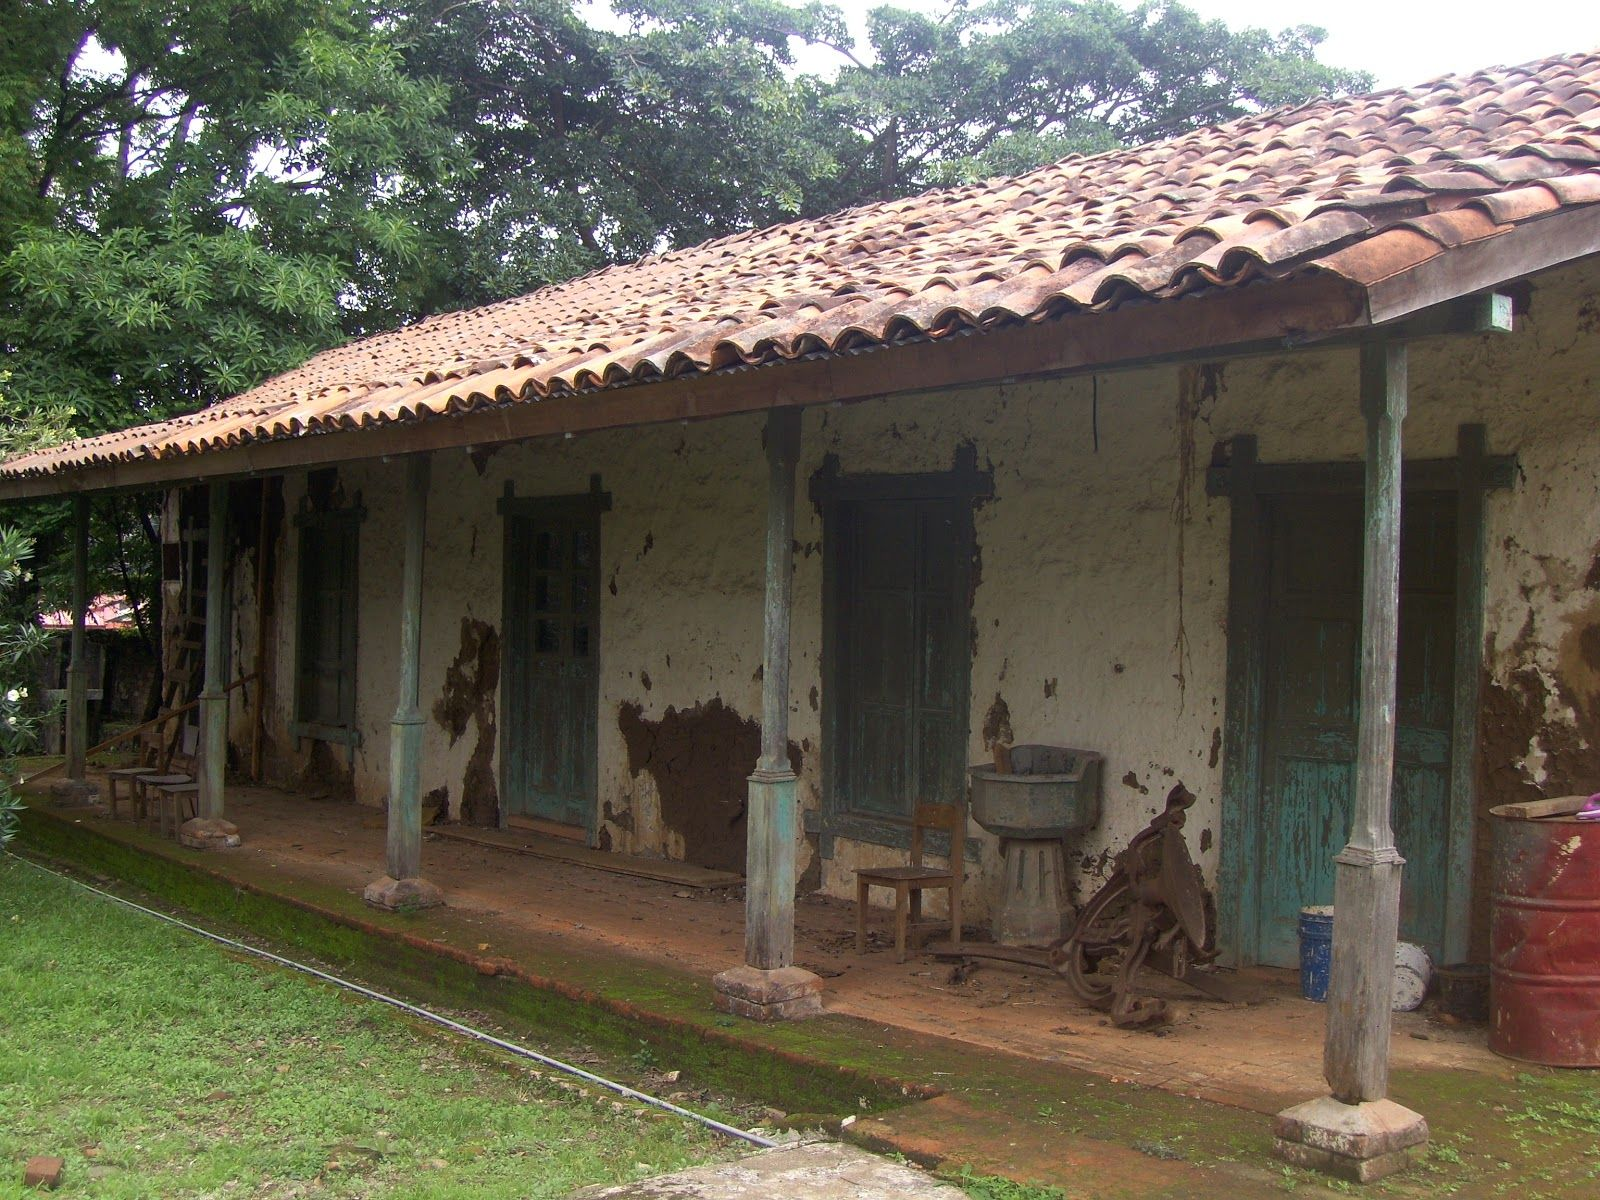 Dise o interno externo arquitectura e ingenier a - Ideas para casas rurales ...